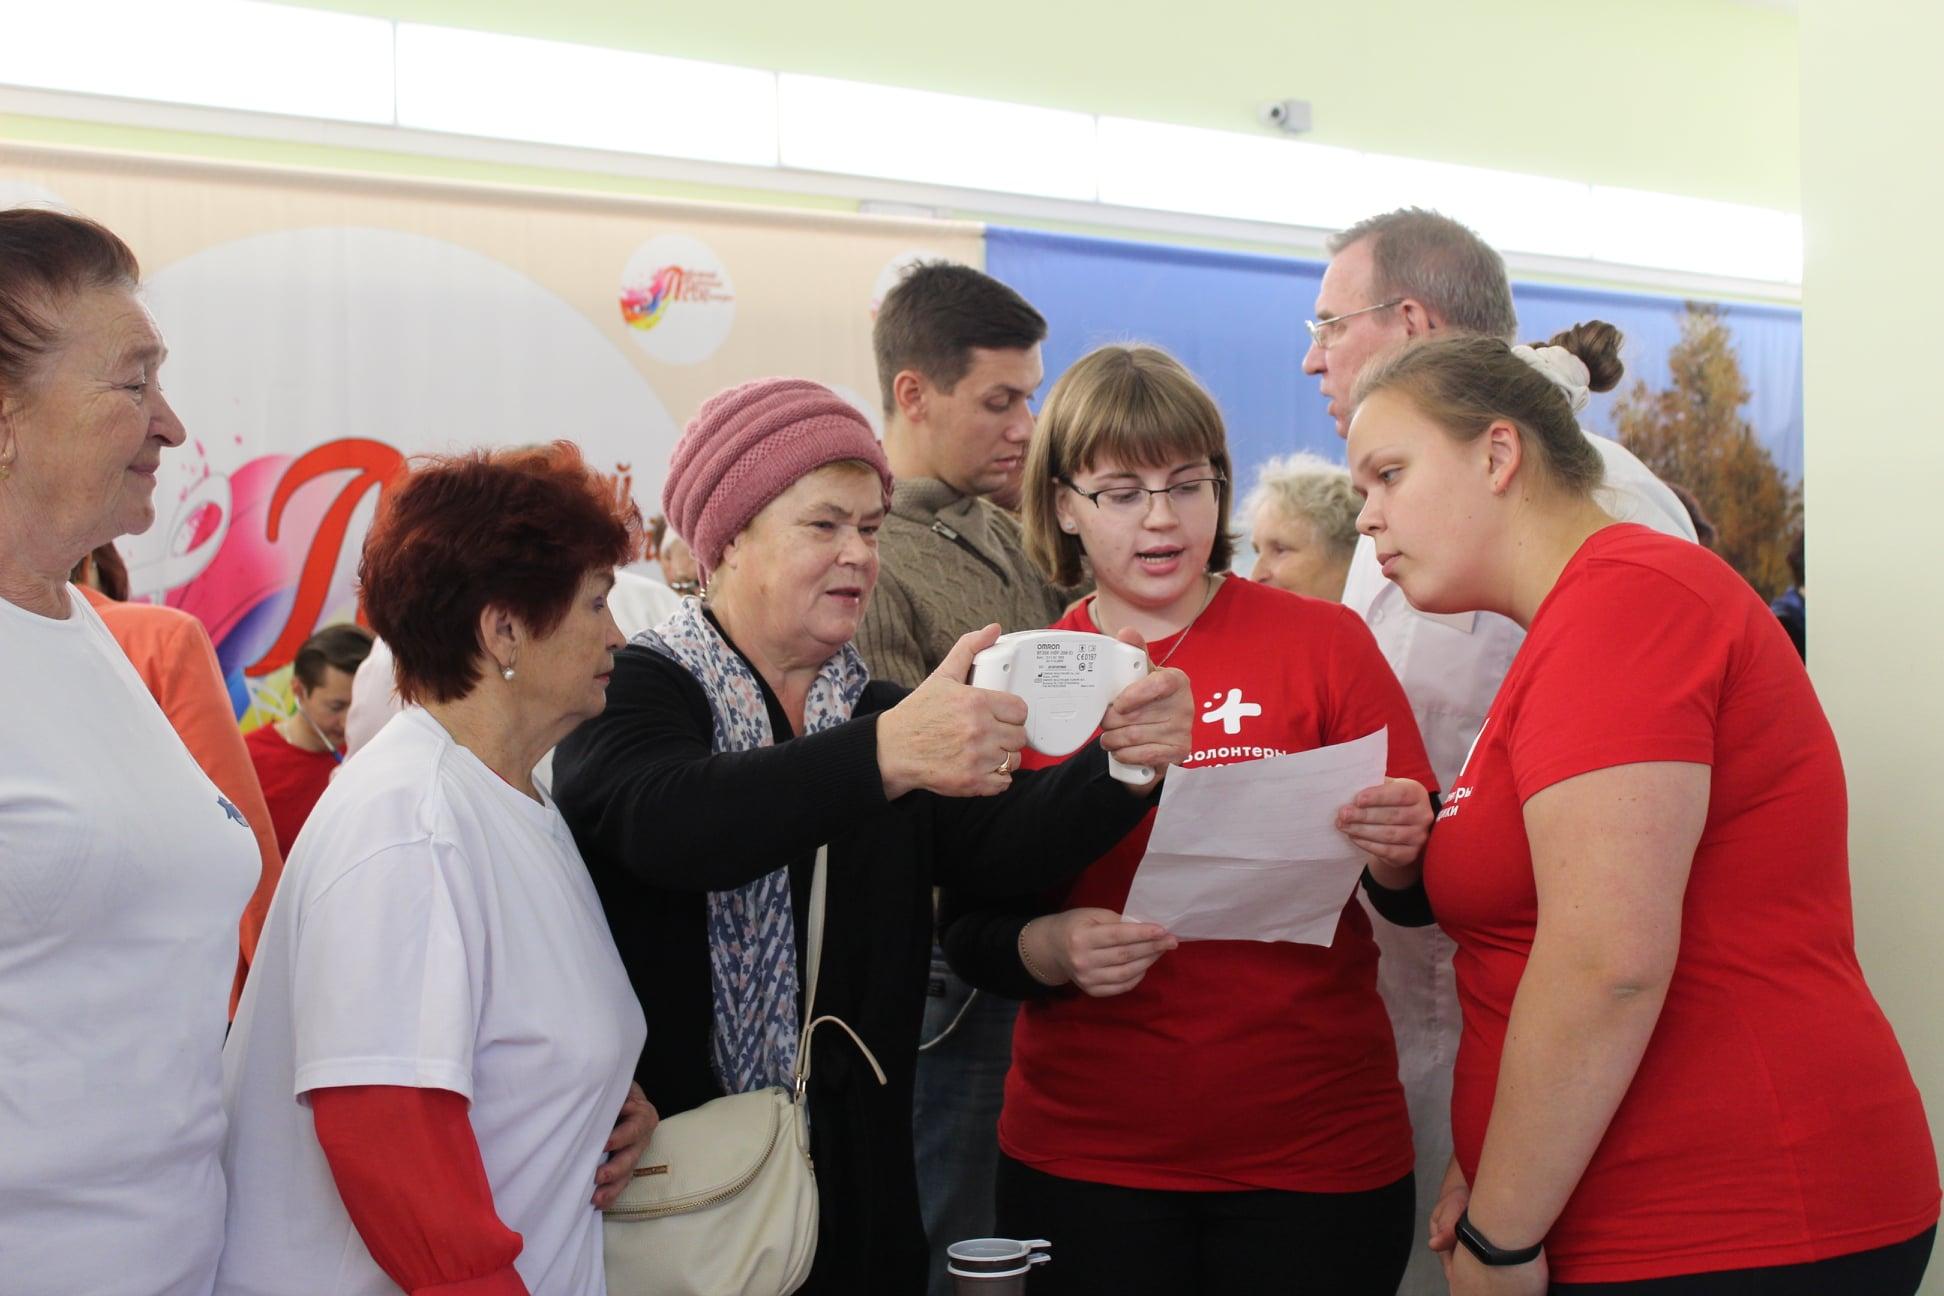 В «Академии здоровья» жители Любимского района проверили состояние сосудов и посетили мастер-класс по скандинавской ходьбе